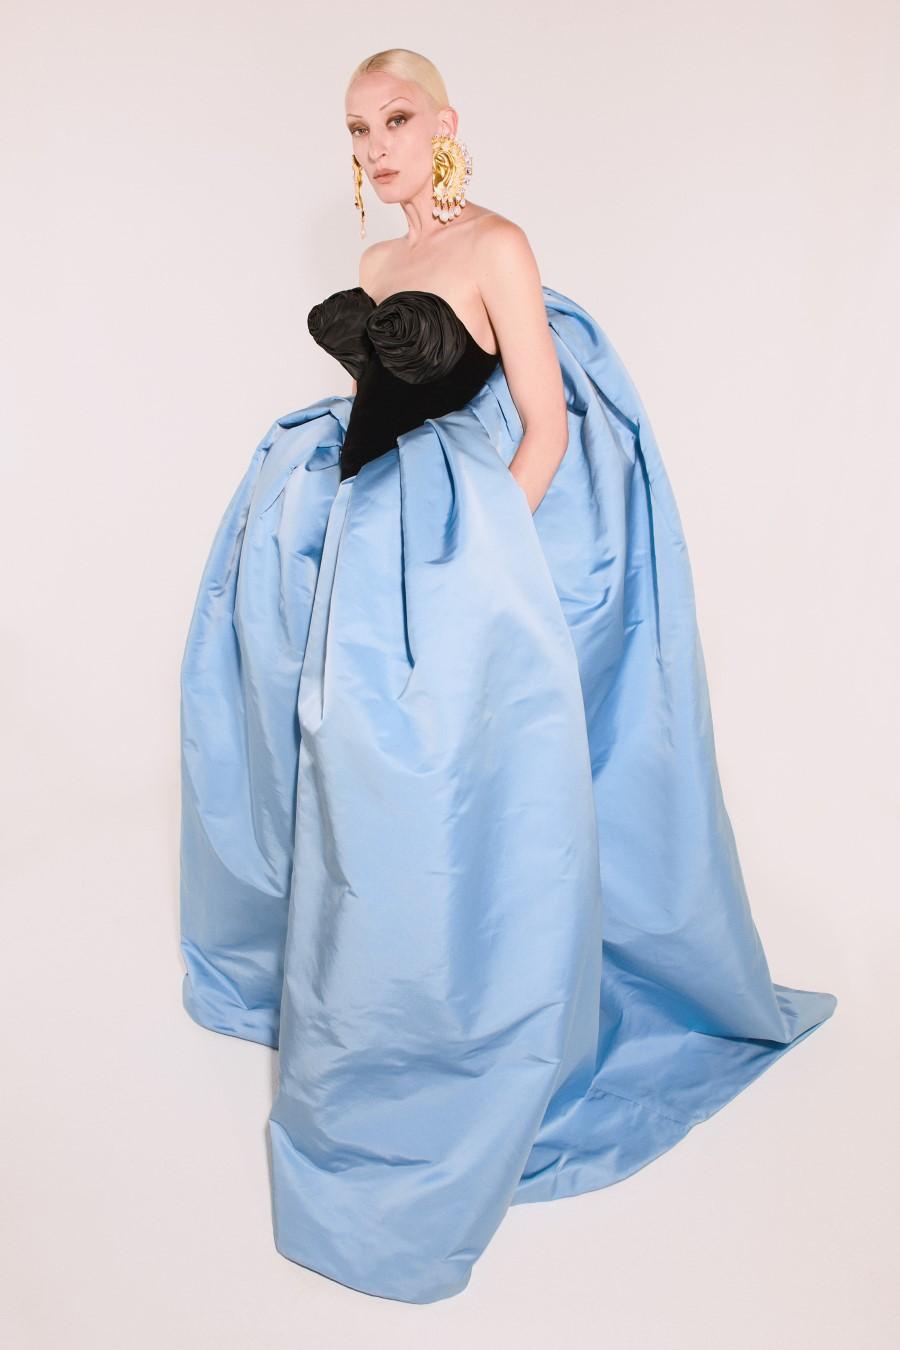 Schiaparelli Haute Couture Fall Winter 2021